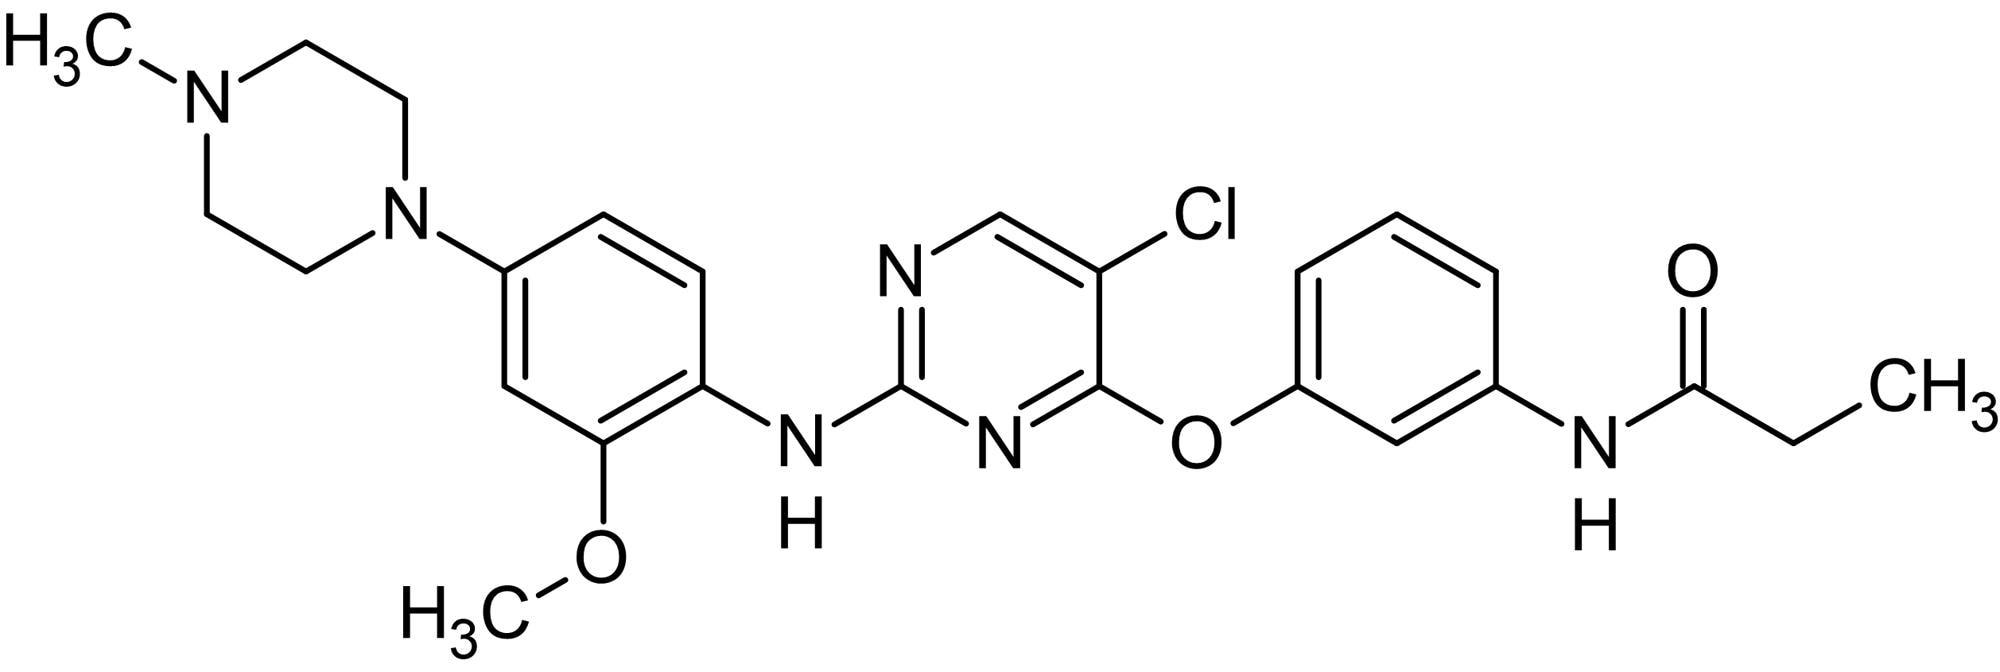 Chemical Structure - WZ 4003, NUAK kinase inhibitor (ab144820)